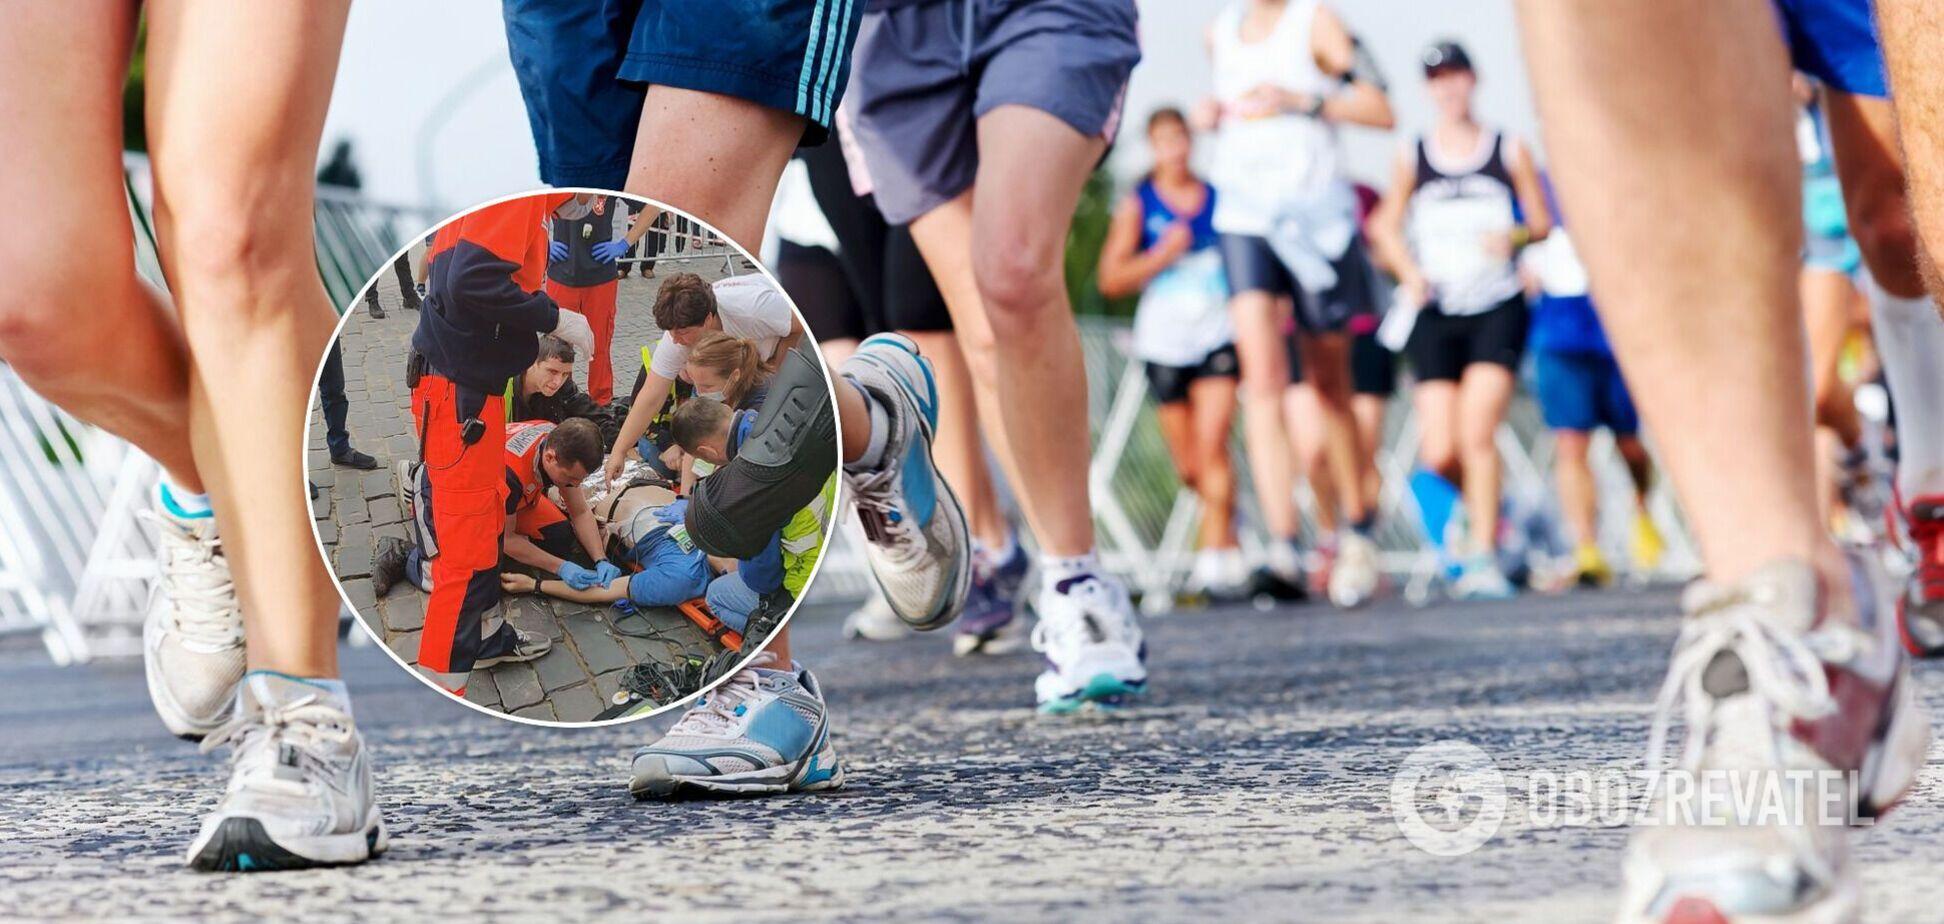 На марафоні у Львові помер 23-річний хлопець: з'явилися нові подробиці